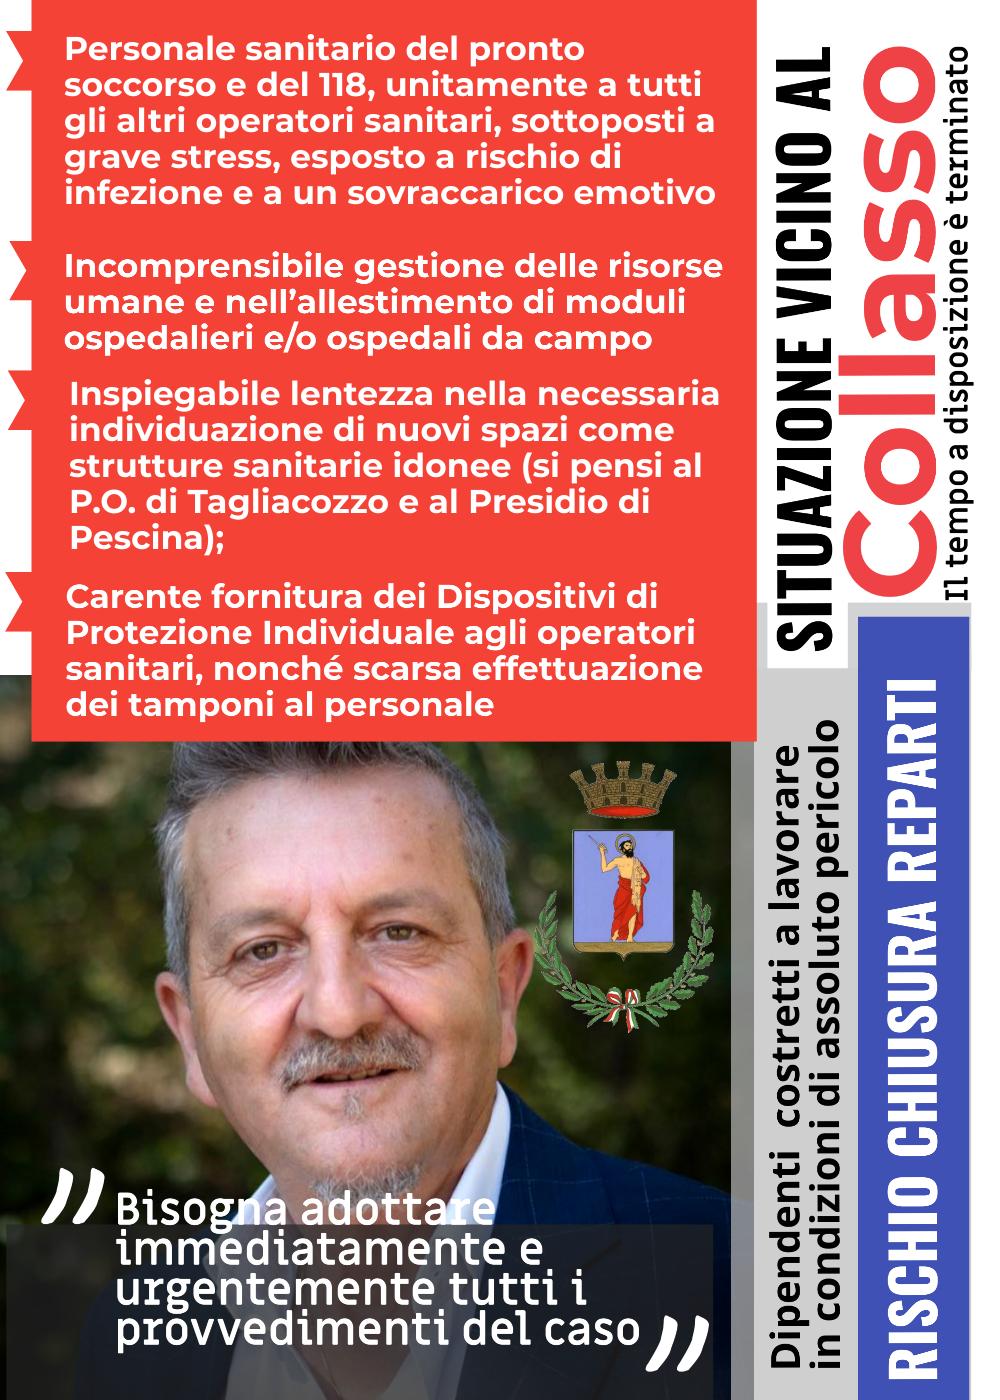 Emergenza Covid-19: Di Pangrazio denuncia situazione al collasso e si appella al governatore della regione Abruzzo, Marco Marsilio